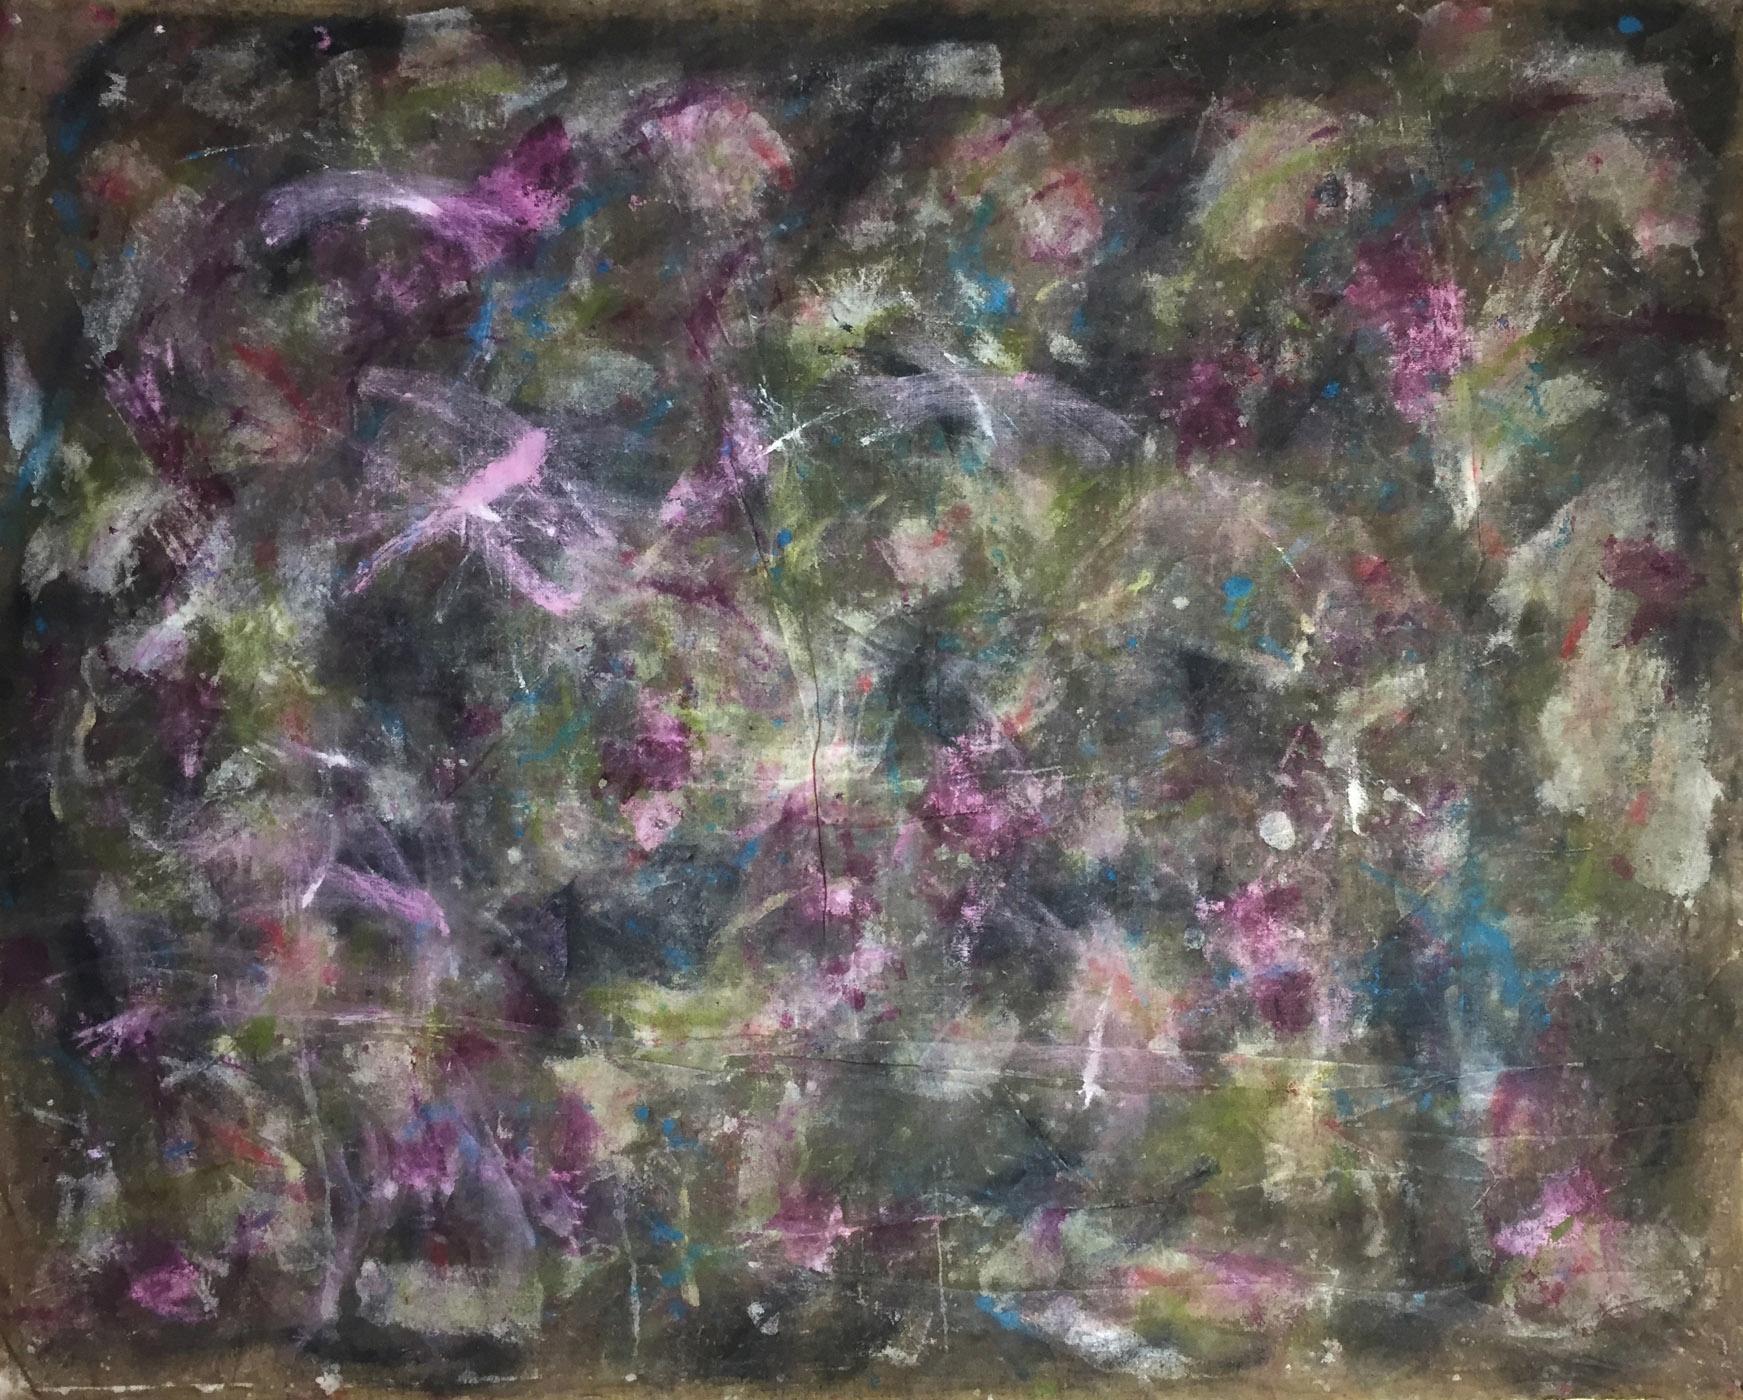 MARC FELD 2019 UNE ORIGINE Huile sur toile 175 x 213 cm